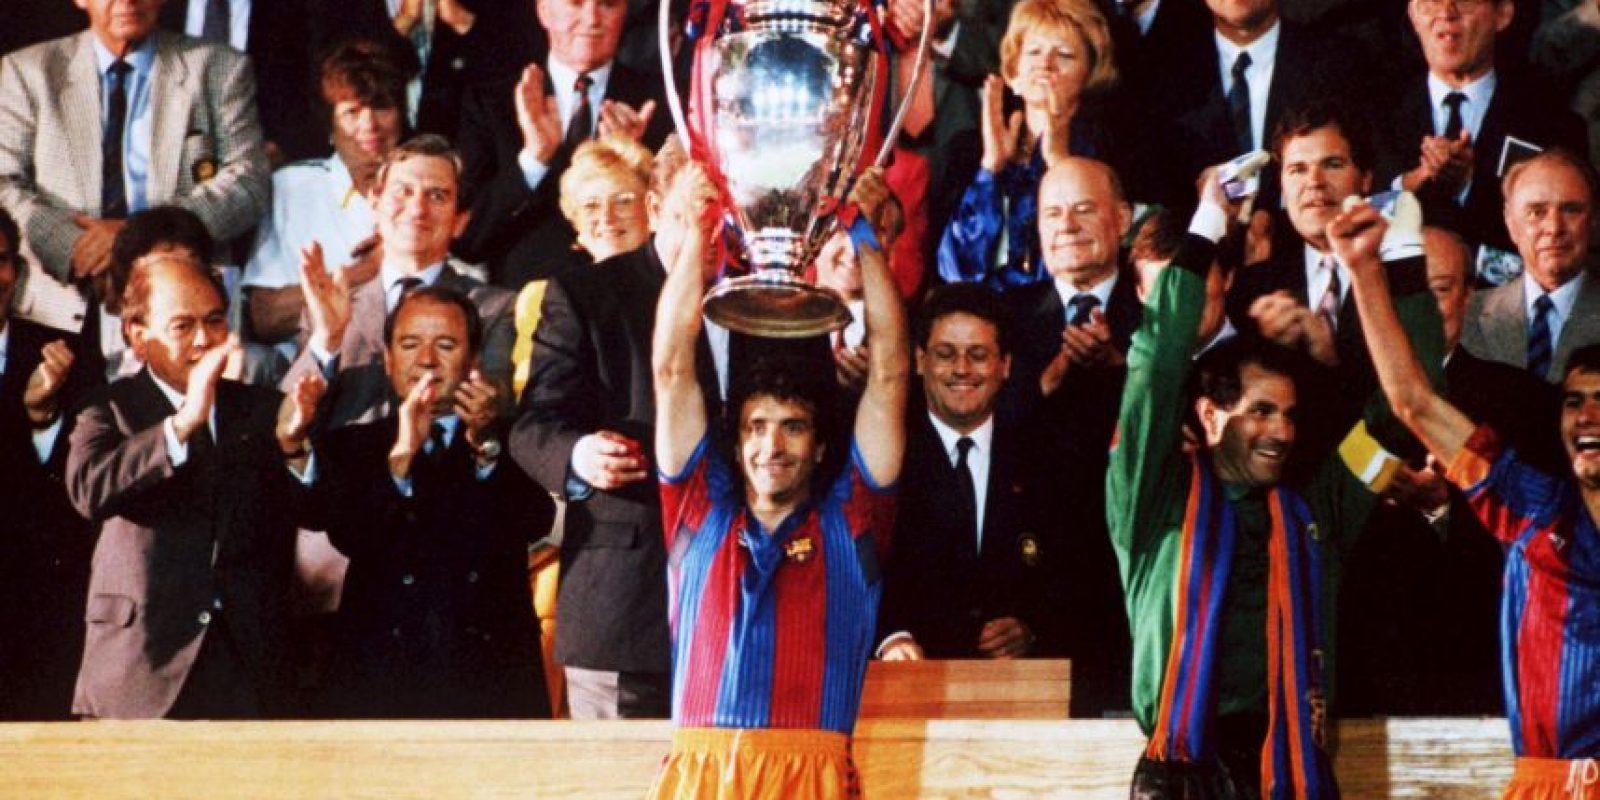 Es parecido al que portaron en 1992, cuando ganaron su primera Copa de Campeones de la UEFA Foto:Getty Images